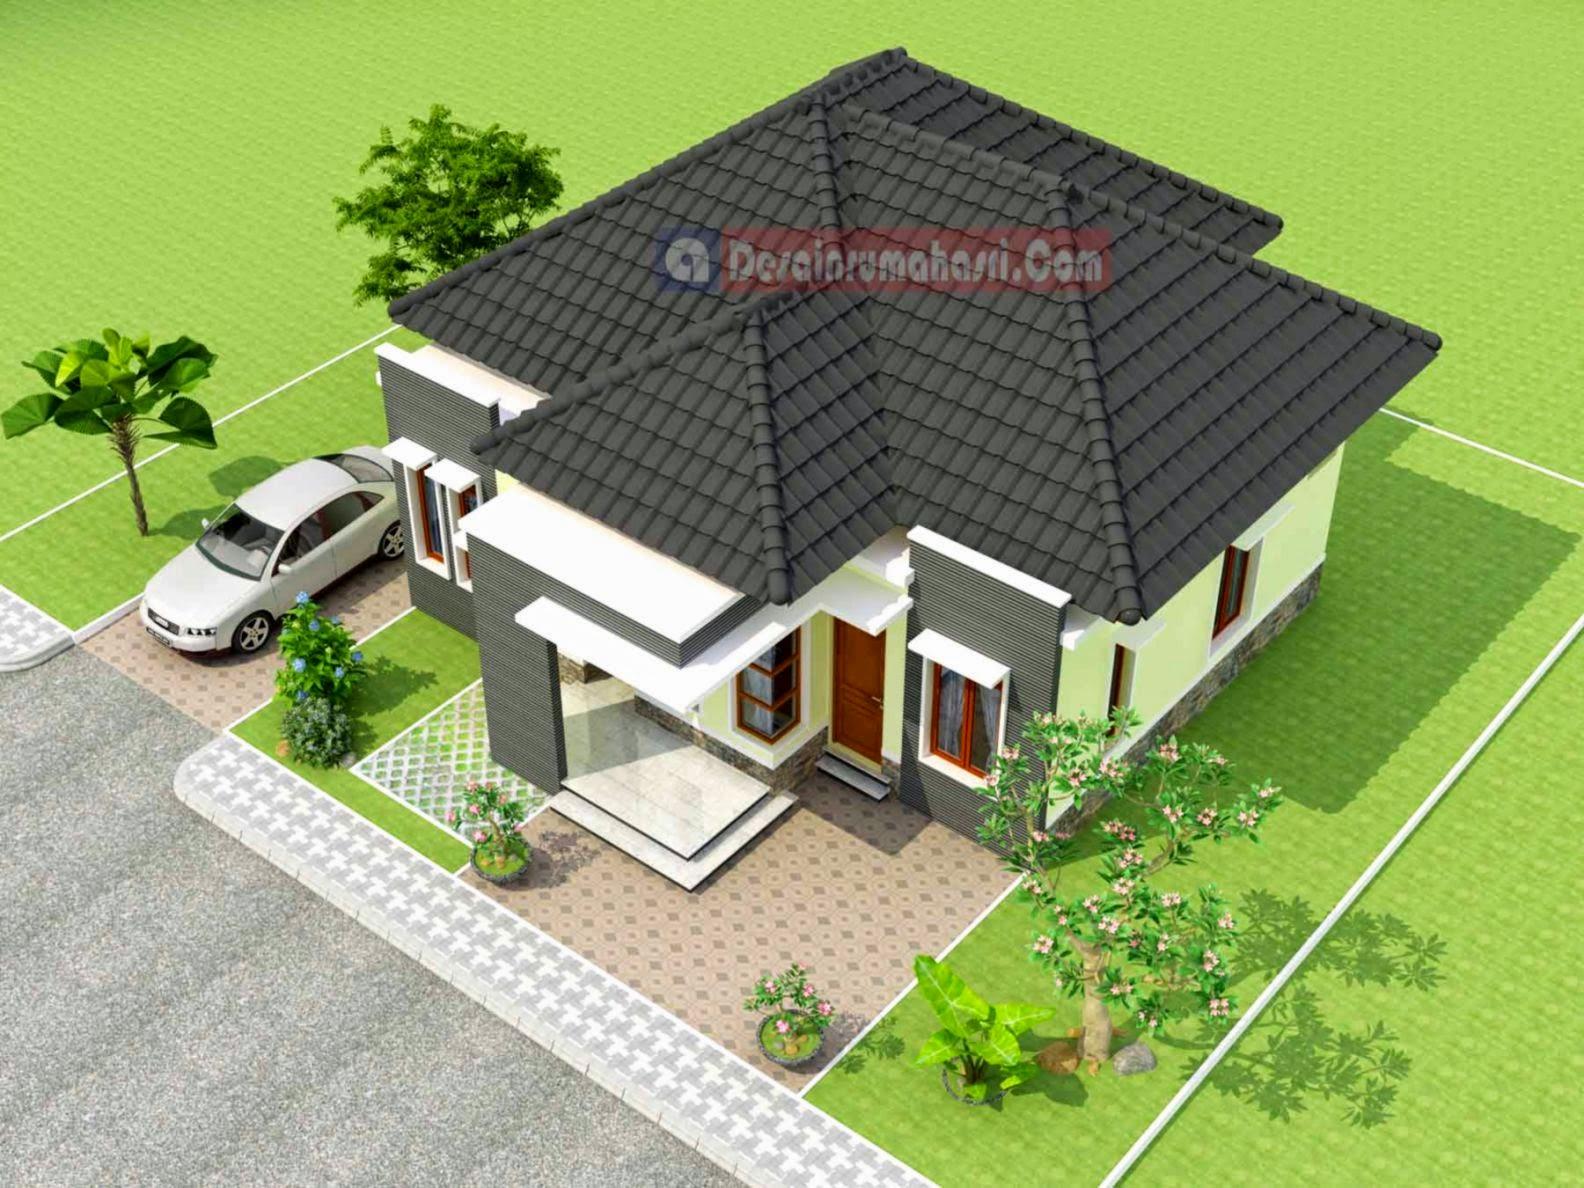 102 Gambar Rumah Minimalis Sederhana Tapi Mewah Gambar Desain